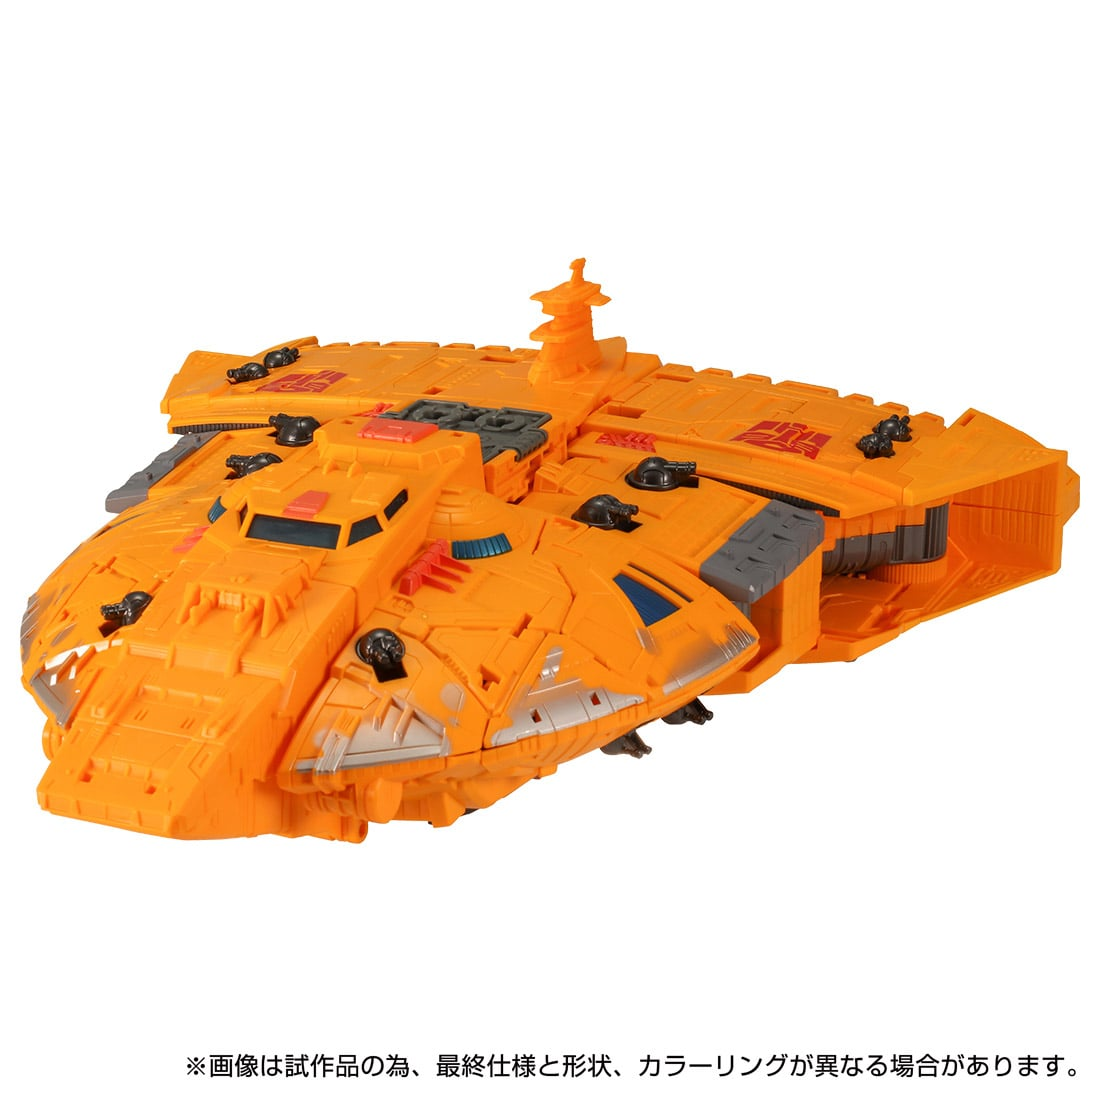 【限定販売】トランスフォーマー キングダム『KD EX-09 オートボットアーク』可変可動フィギュア-002